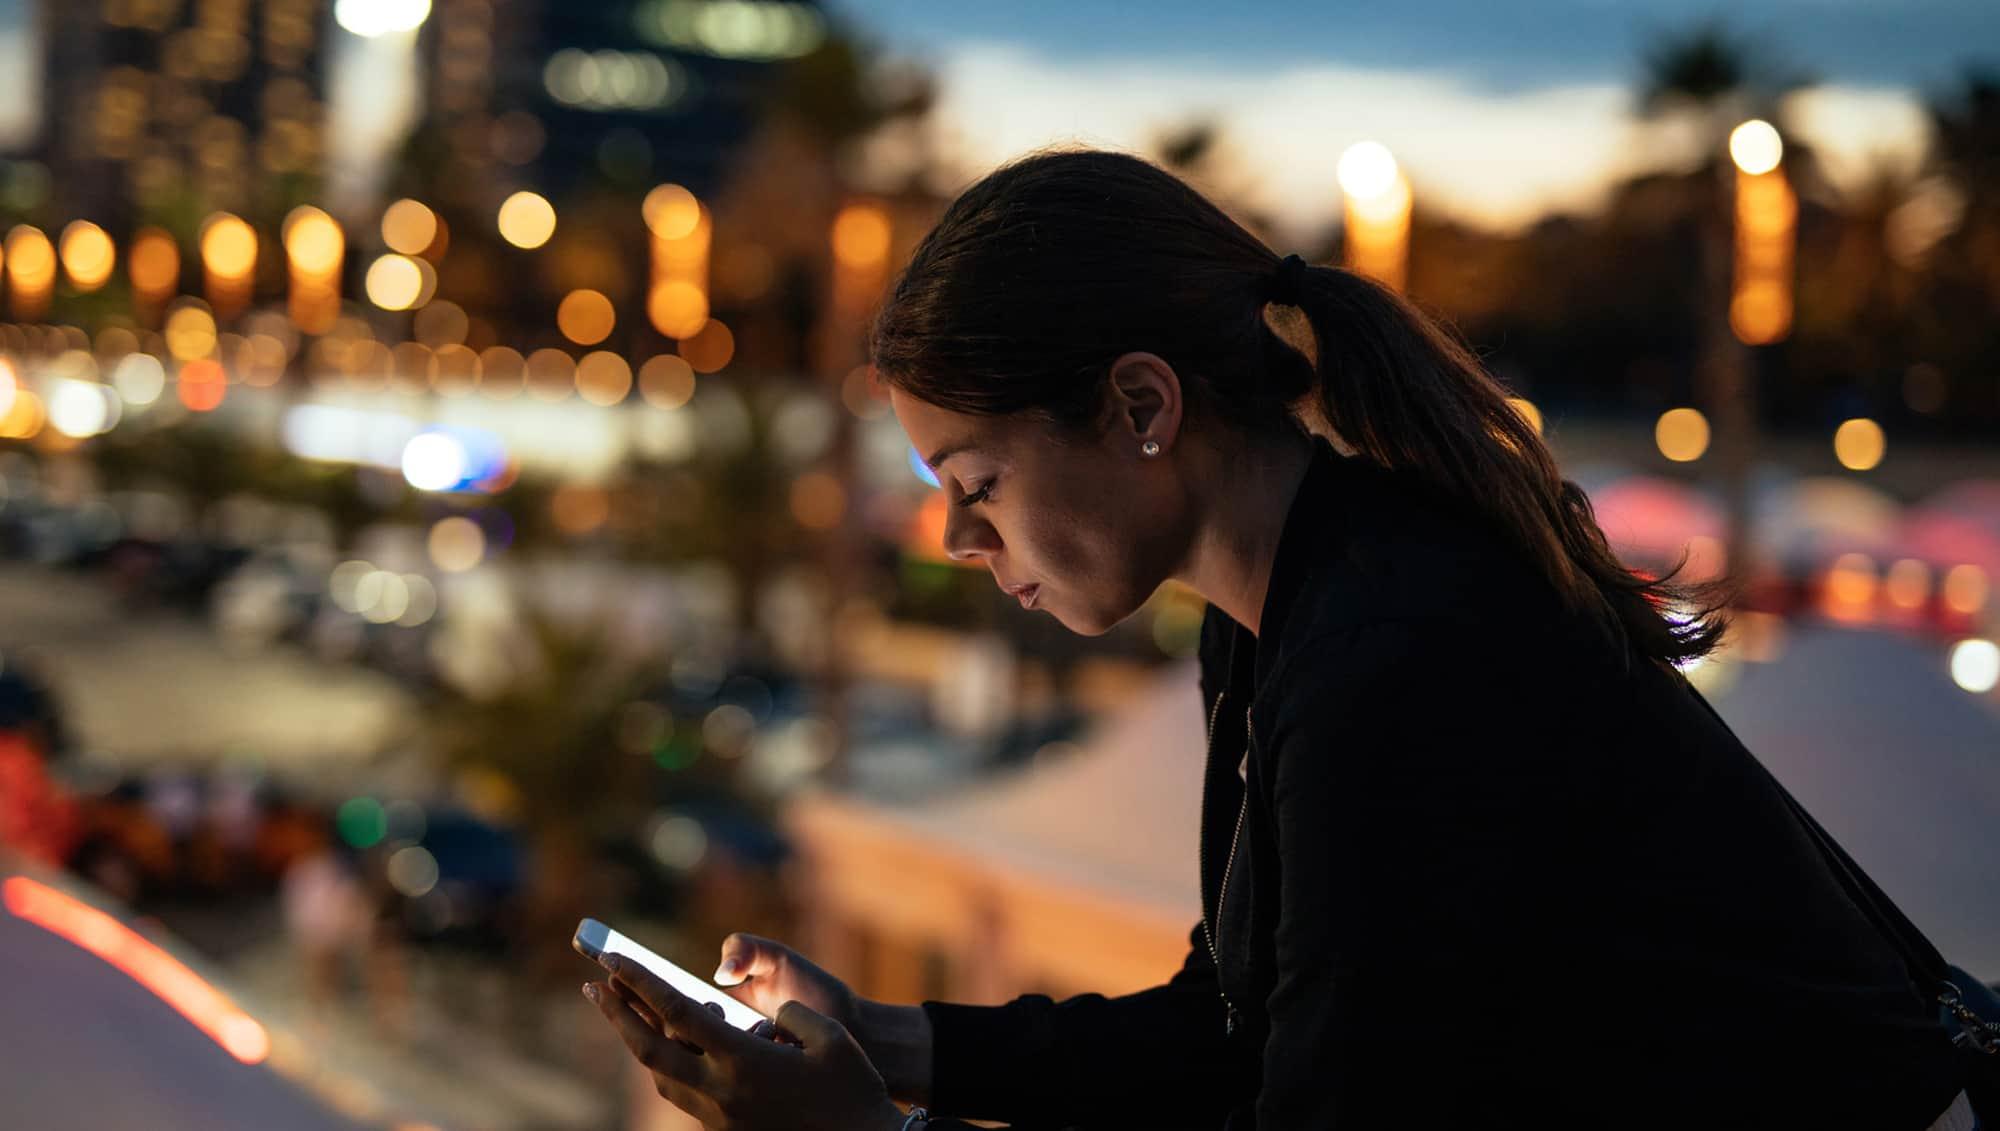 La tecnologia al servicio de la sociedad y los negocios